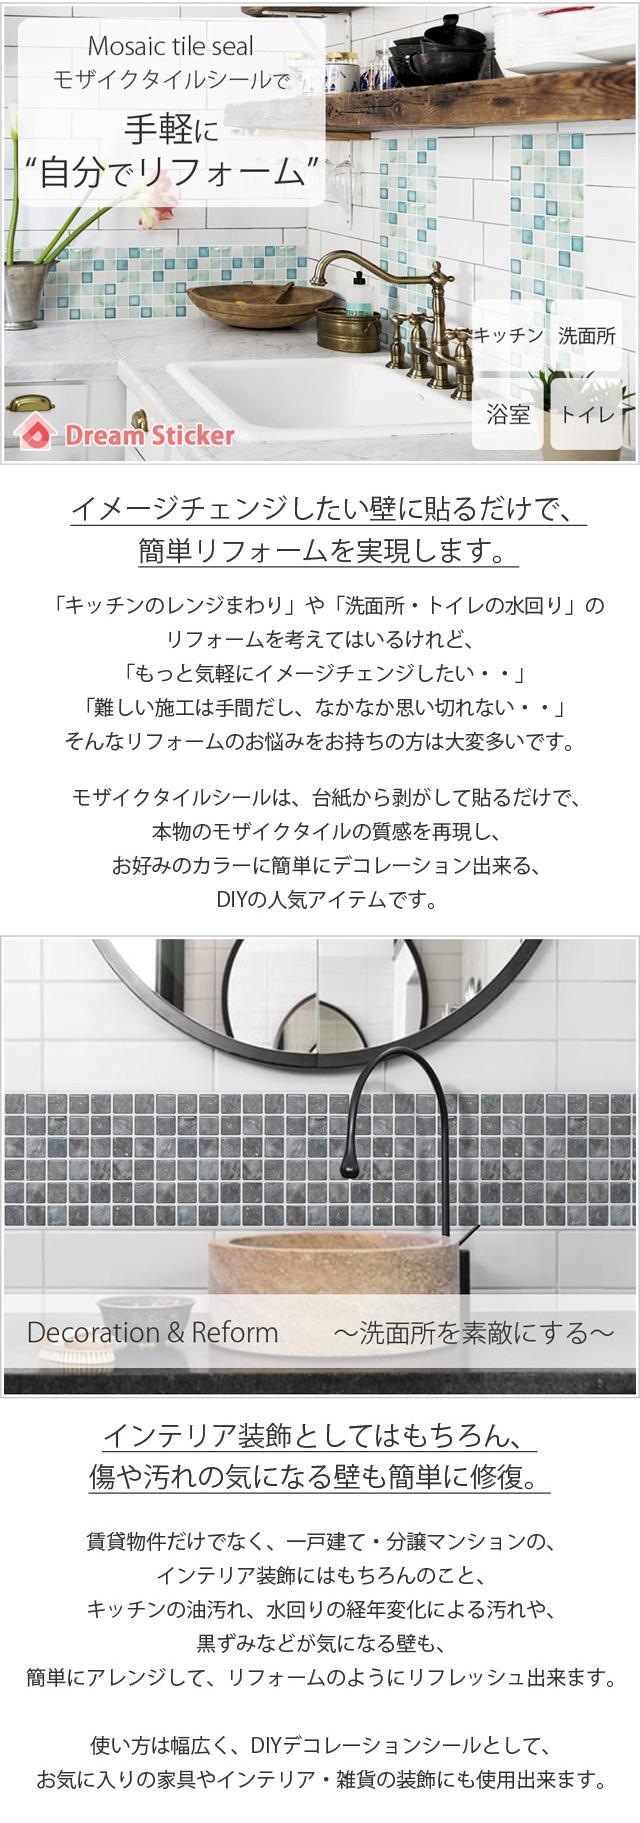 モザイクタイルシール Ctb 4 ウォールステッカー 壁紙シール 通販 専門店 Dream Sticker